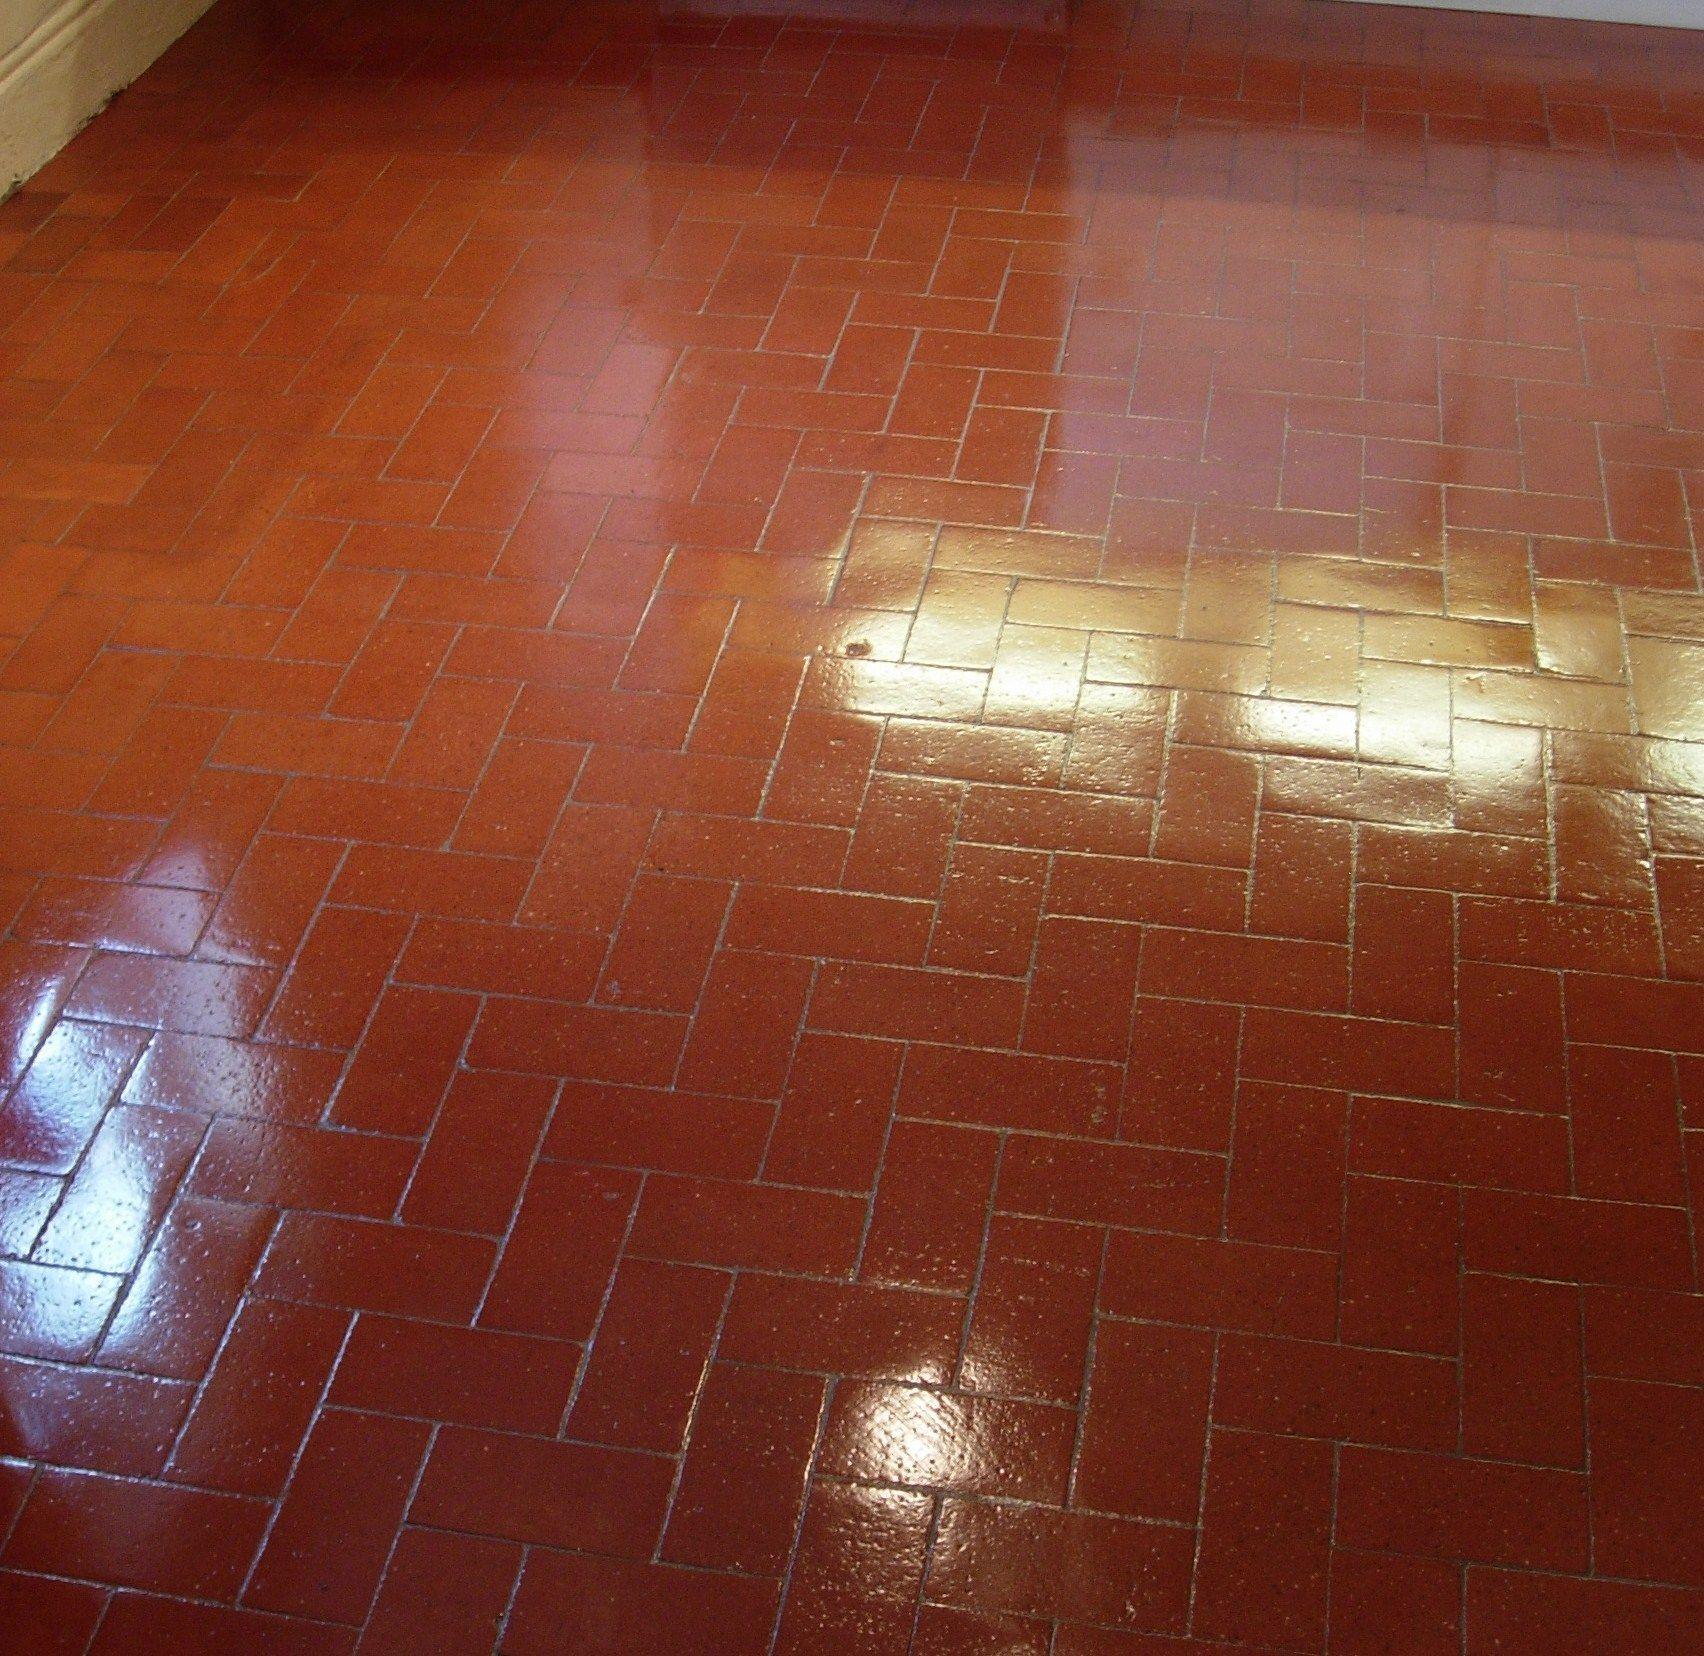 1000 Ideas About Quarry Tiles On Pinterest: Original Quarry Tiles - Kitchen Floor